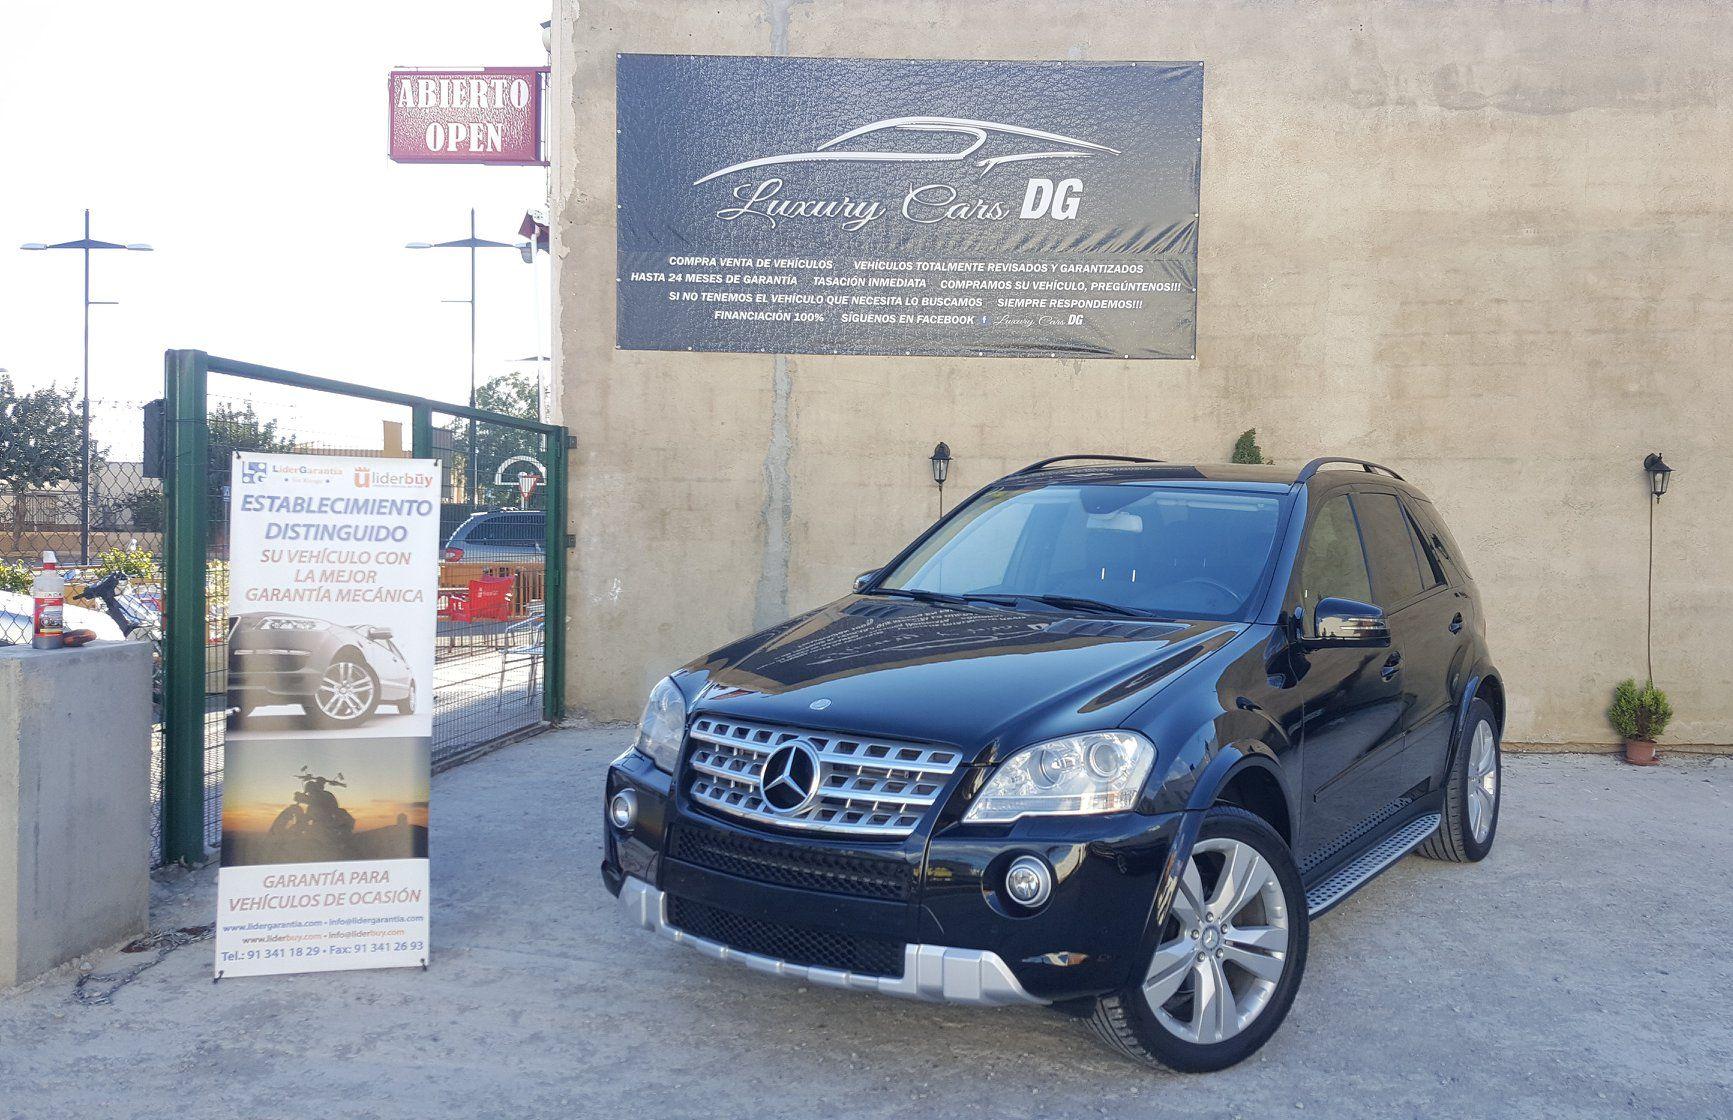 Foto 51 de Compraventa de automóviles en Vera | Luxury Cars DG